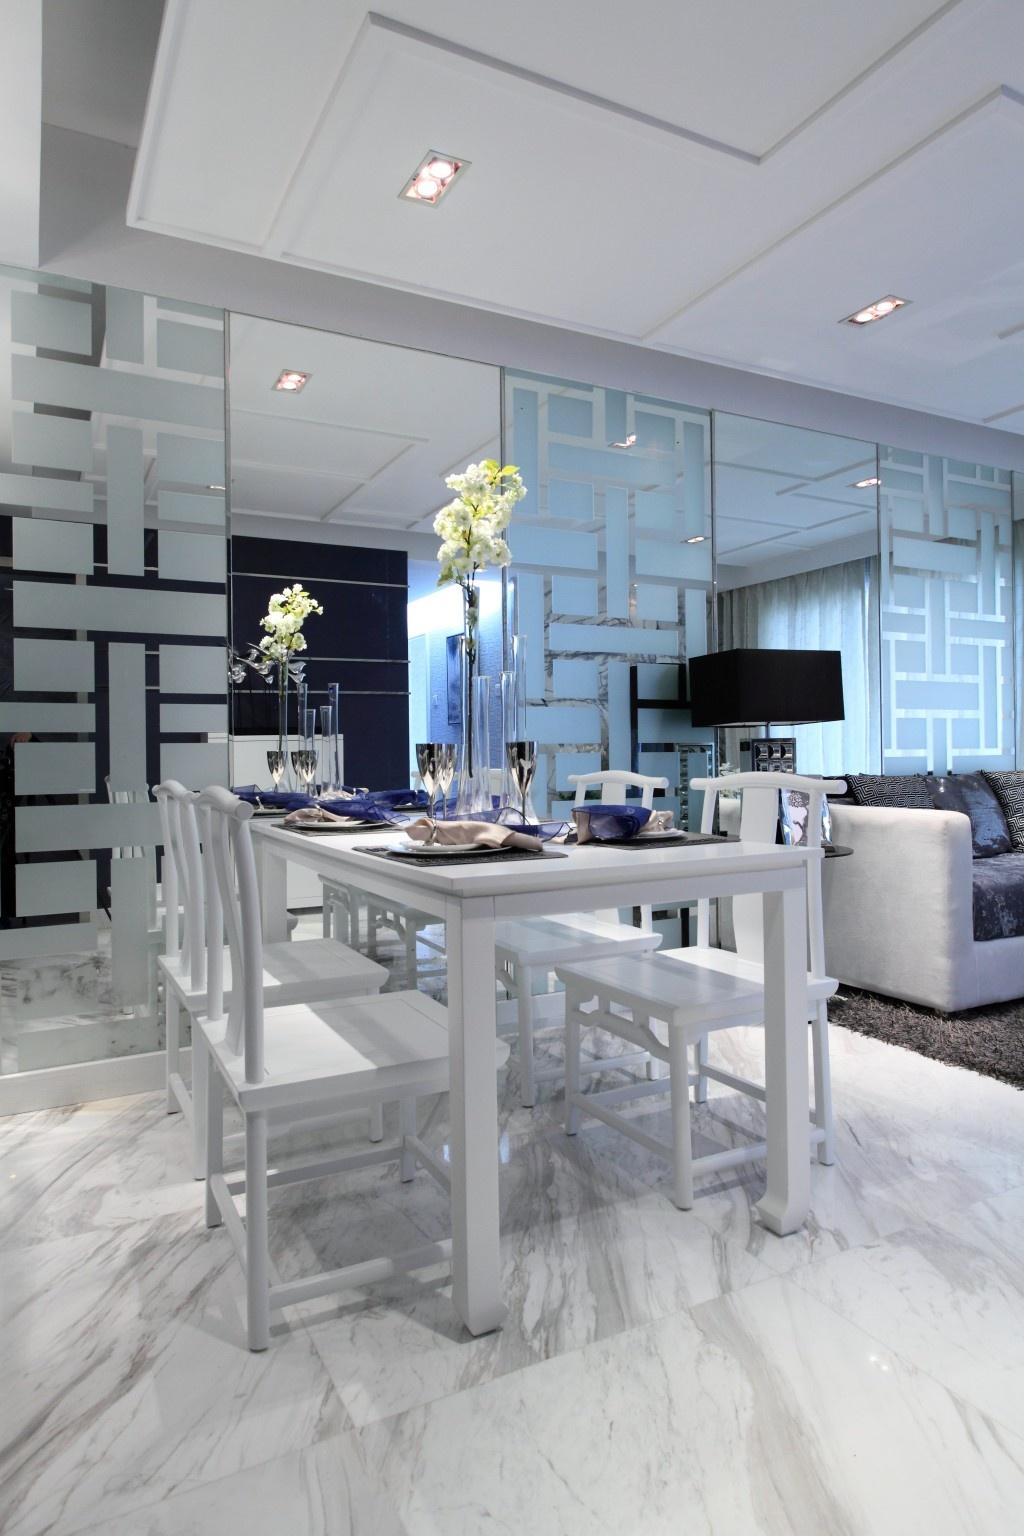 中式风格餐厅背景墙_廊桥样板房餐厅镜子背景墙装修效果图 – 设计本装修效果图